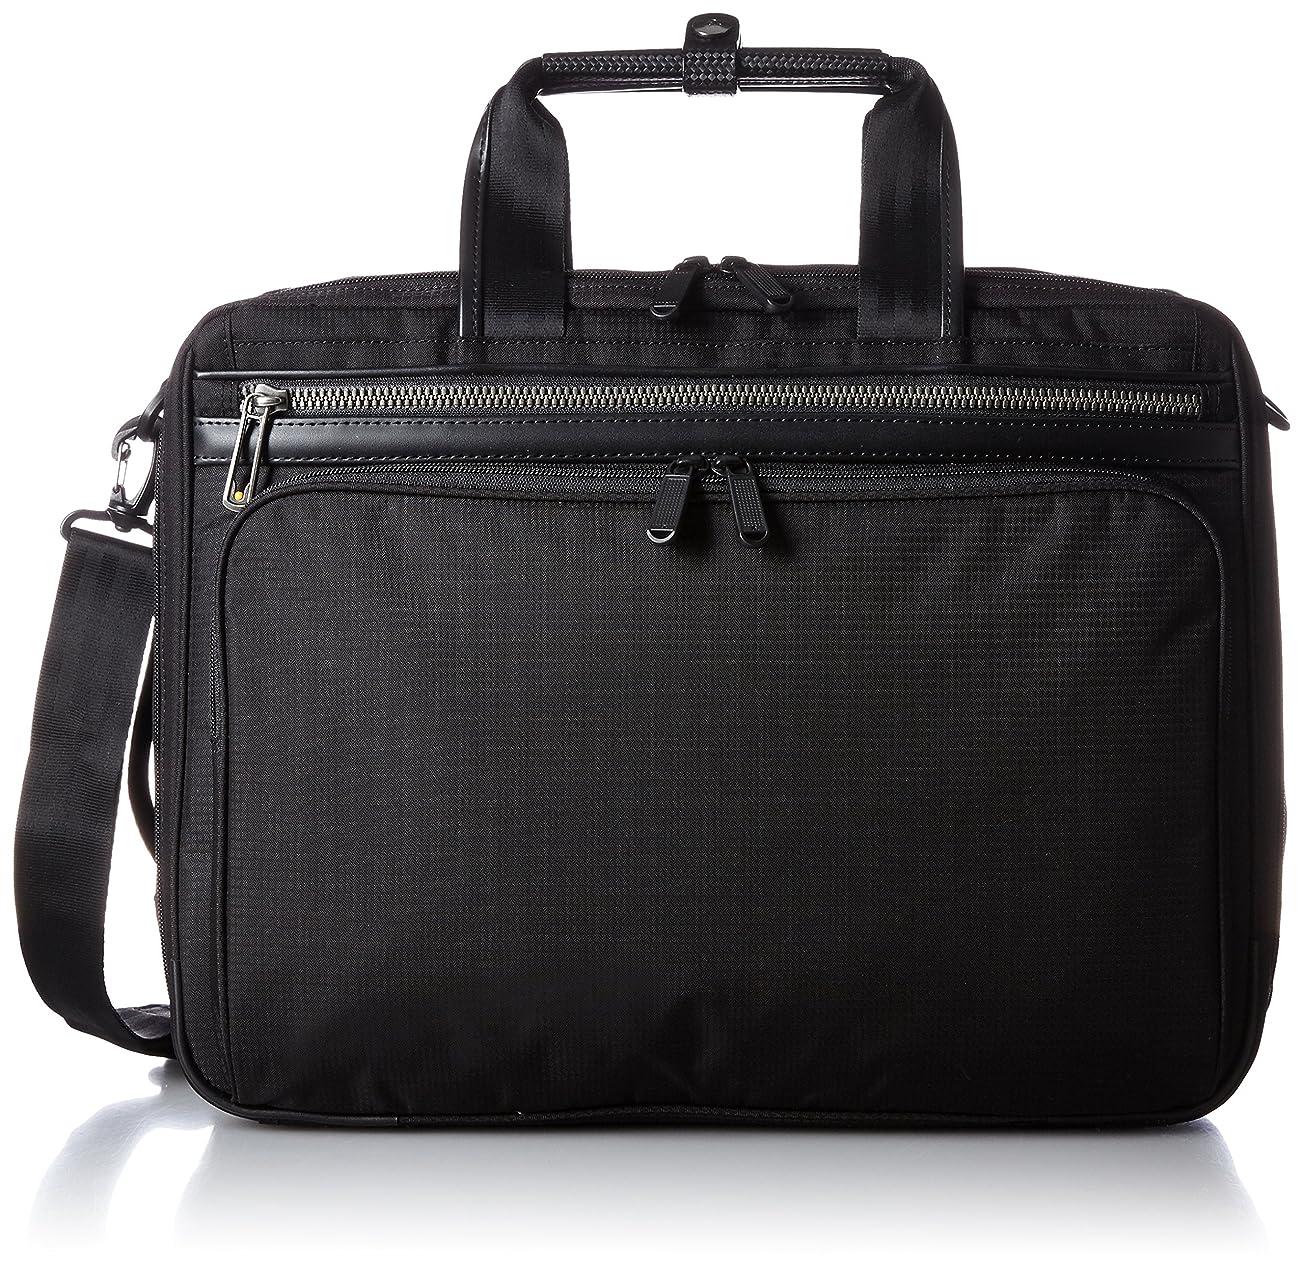 スクラップブックタイピスト保安[エースジーン] ace.GENE 軽量ビジネスバッグ フレックスライト フィット 40cm A4サイズ 2気室 PC収納 エキスパンダブル